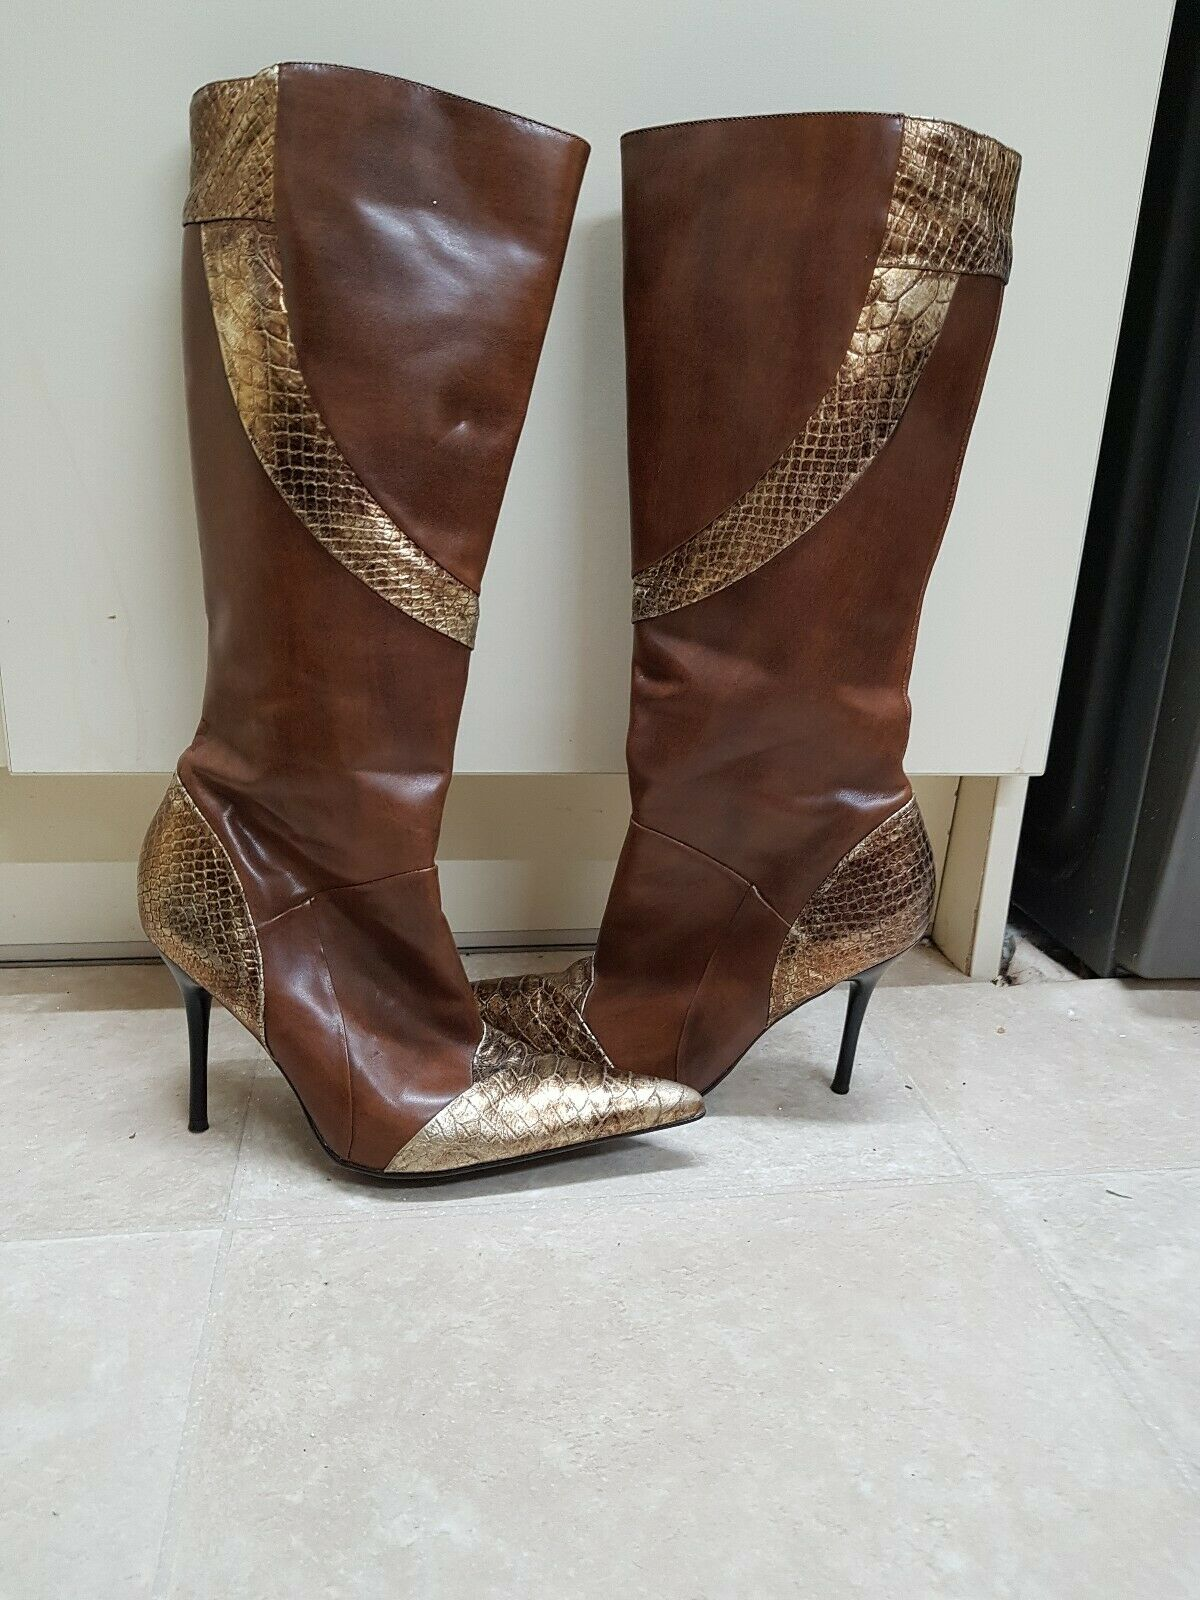 Aldo Femmes Bottes hautes métallisé or et marron UNIQUE Designer Chaussures Uk6